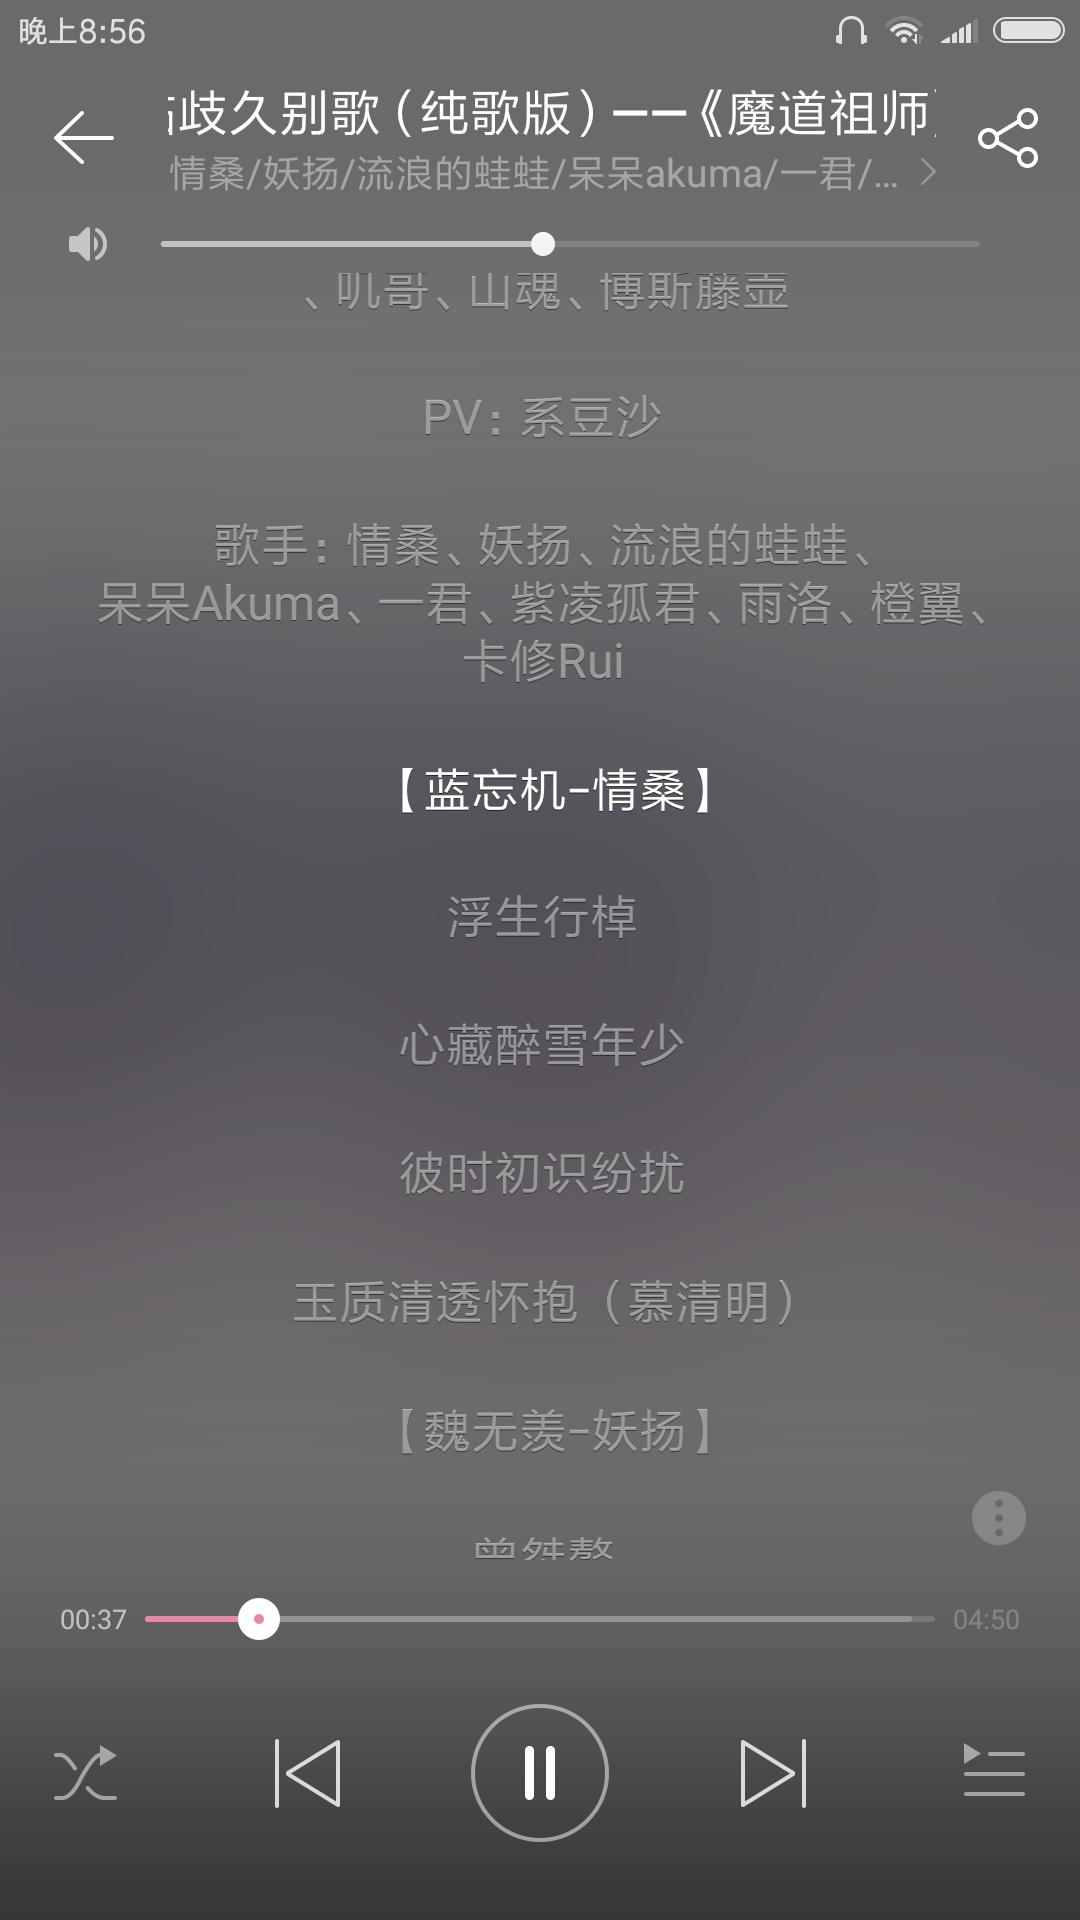 初恋-紫凌孤君(MP3歌词/LRC歌词) lrc歌词下载 第3张